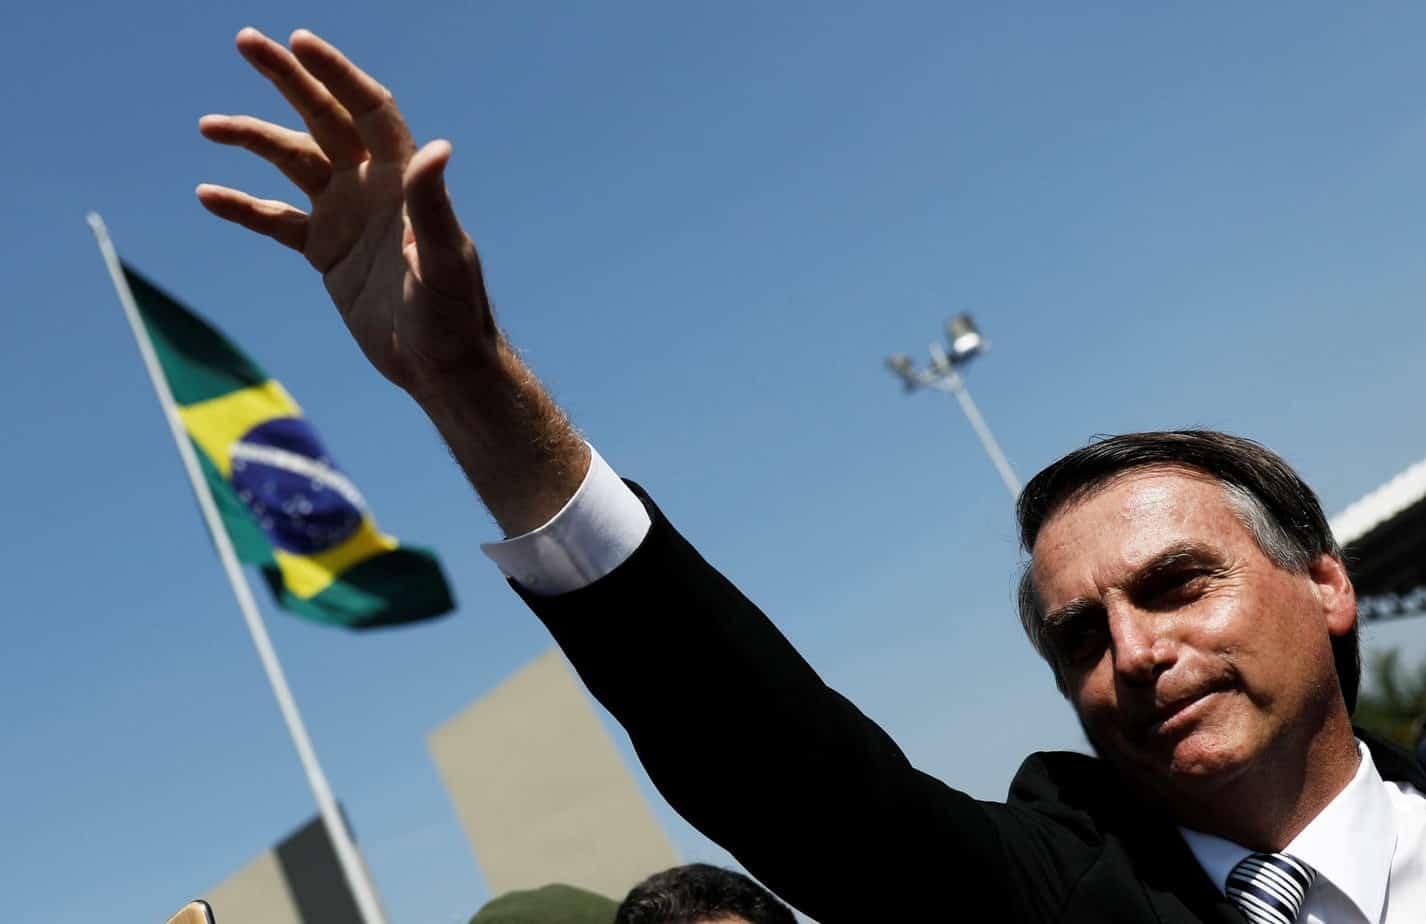 EsteriPrimo Piano      Il sovranismo avanza anche in Brasile Bolsonaro favorito nei sondaggi delle presidenziali                   Di Chiara Soldani-        6 ottobre 2018